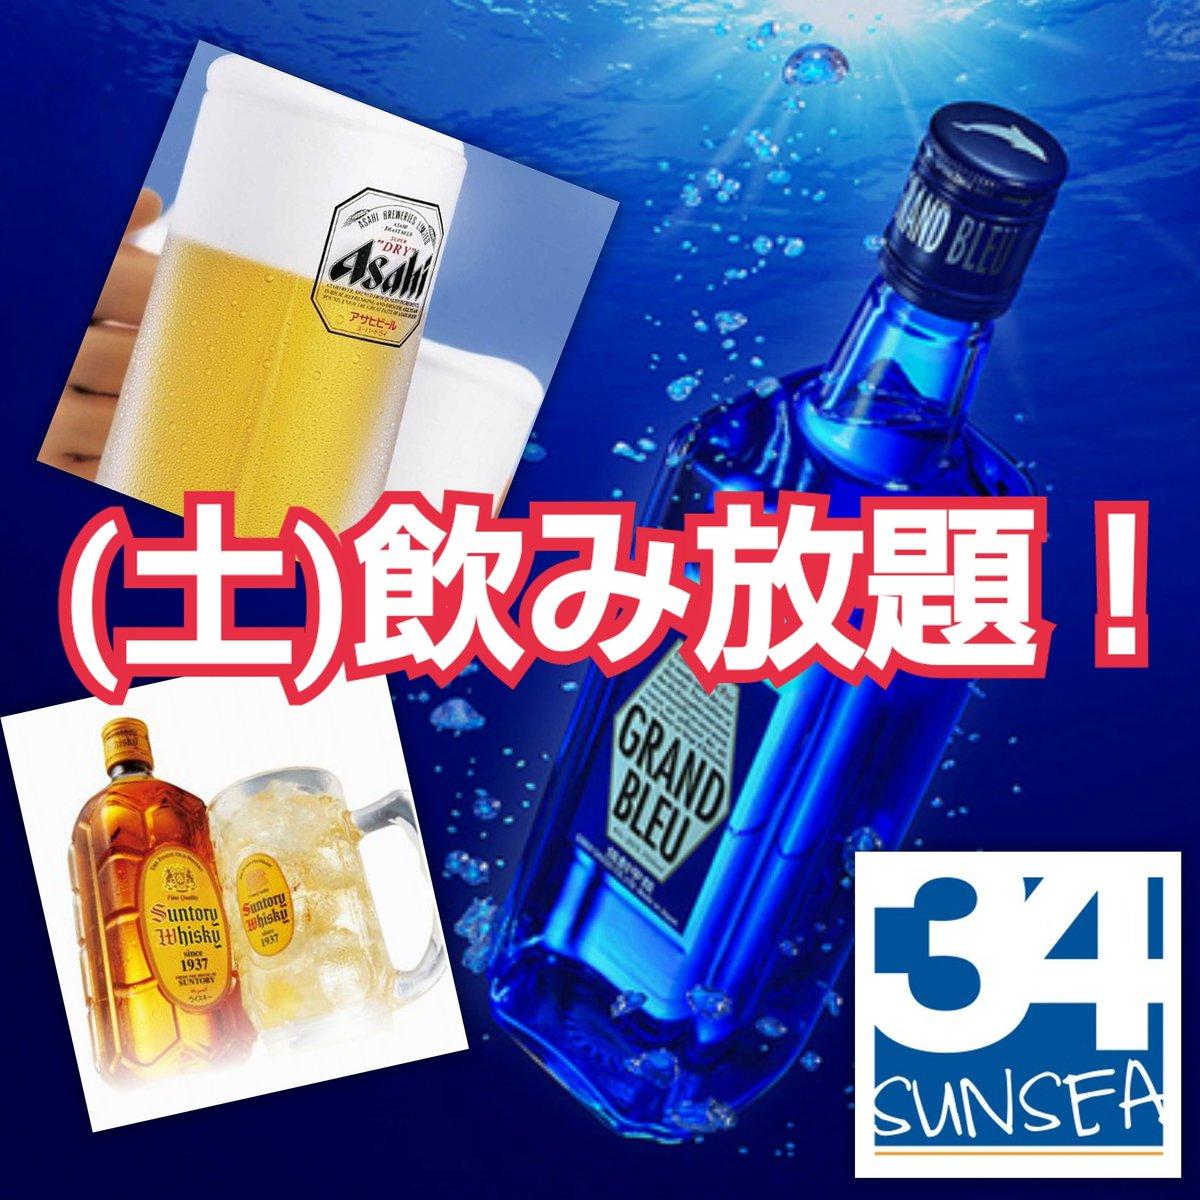 毎週(土)は 焼酎(GB)飲み放題2000円!